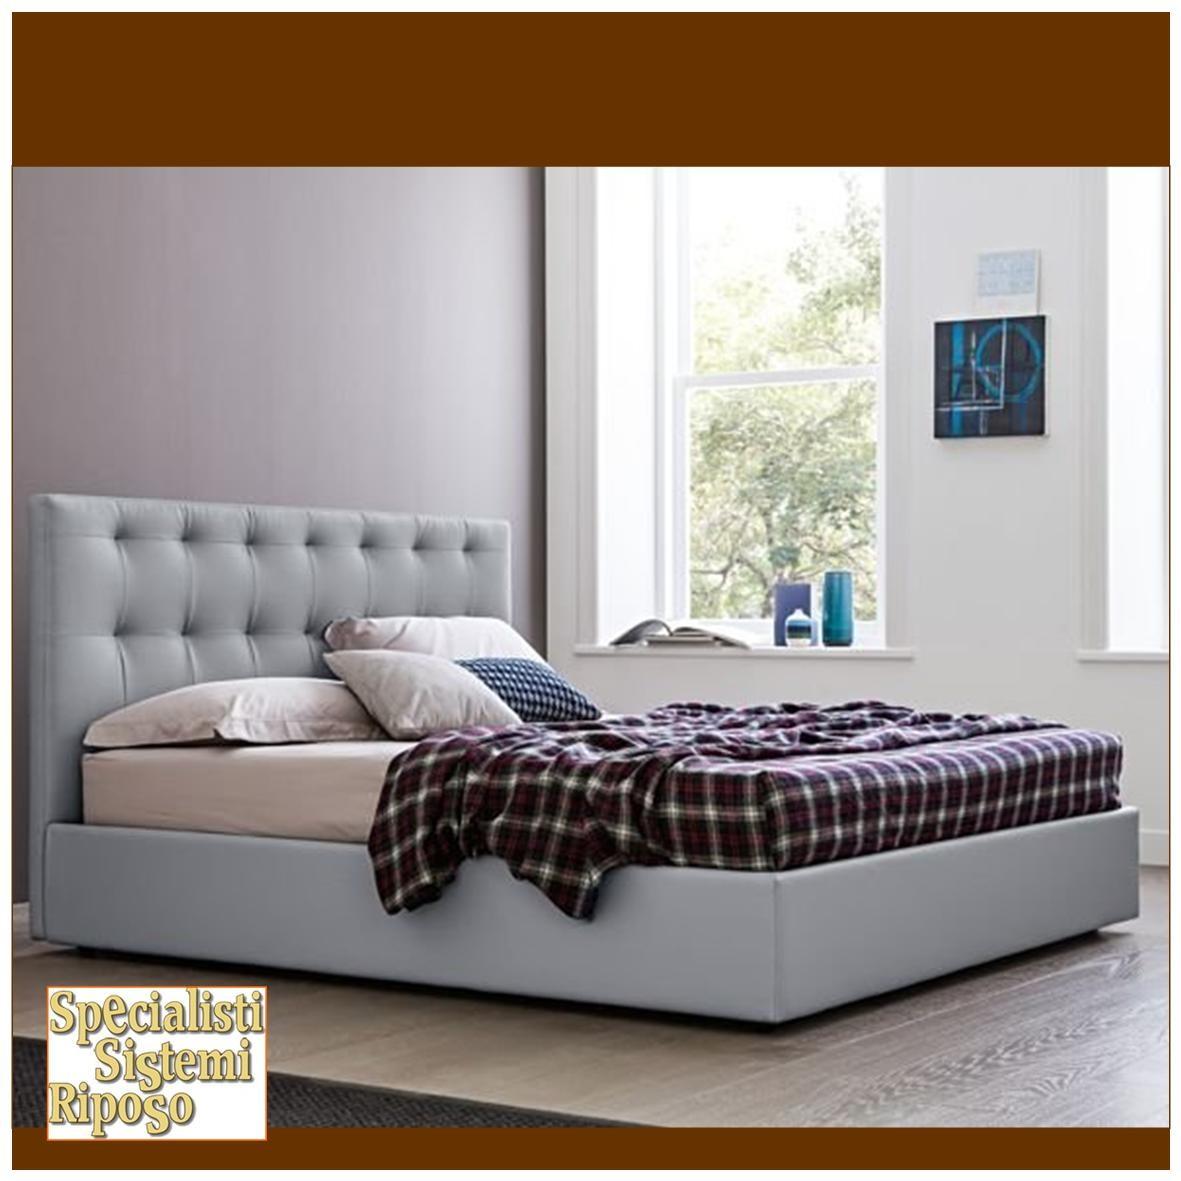 Testata letto con cuscini best testiera letto fai da te soluzione originale with testata letto - Cuscini testiera letto ...